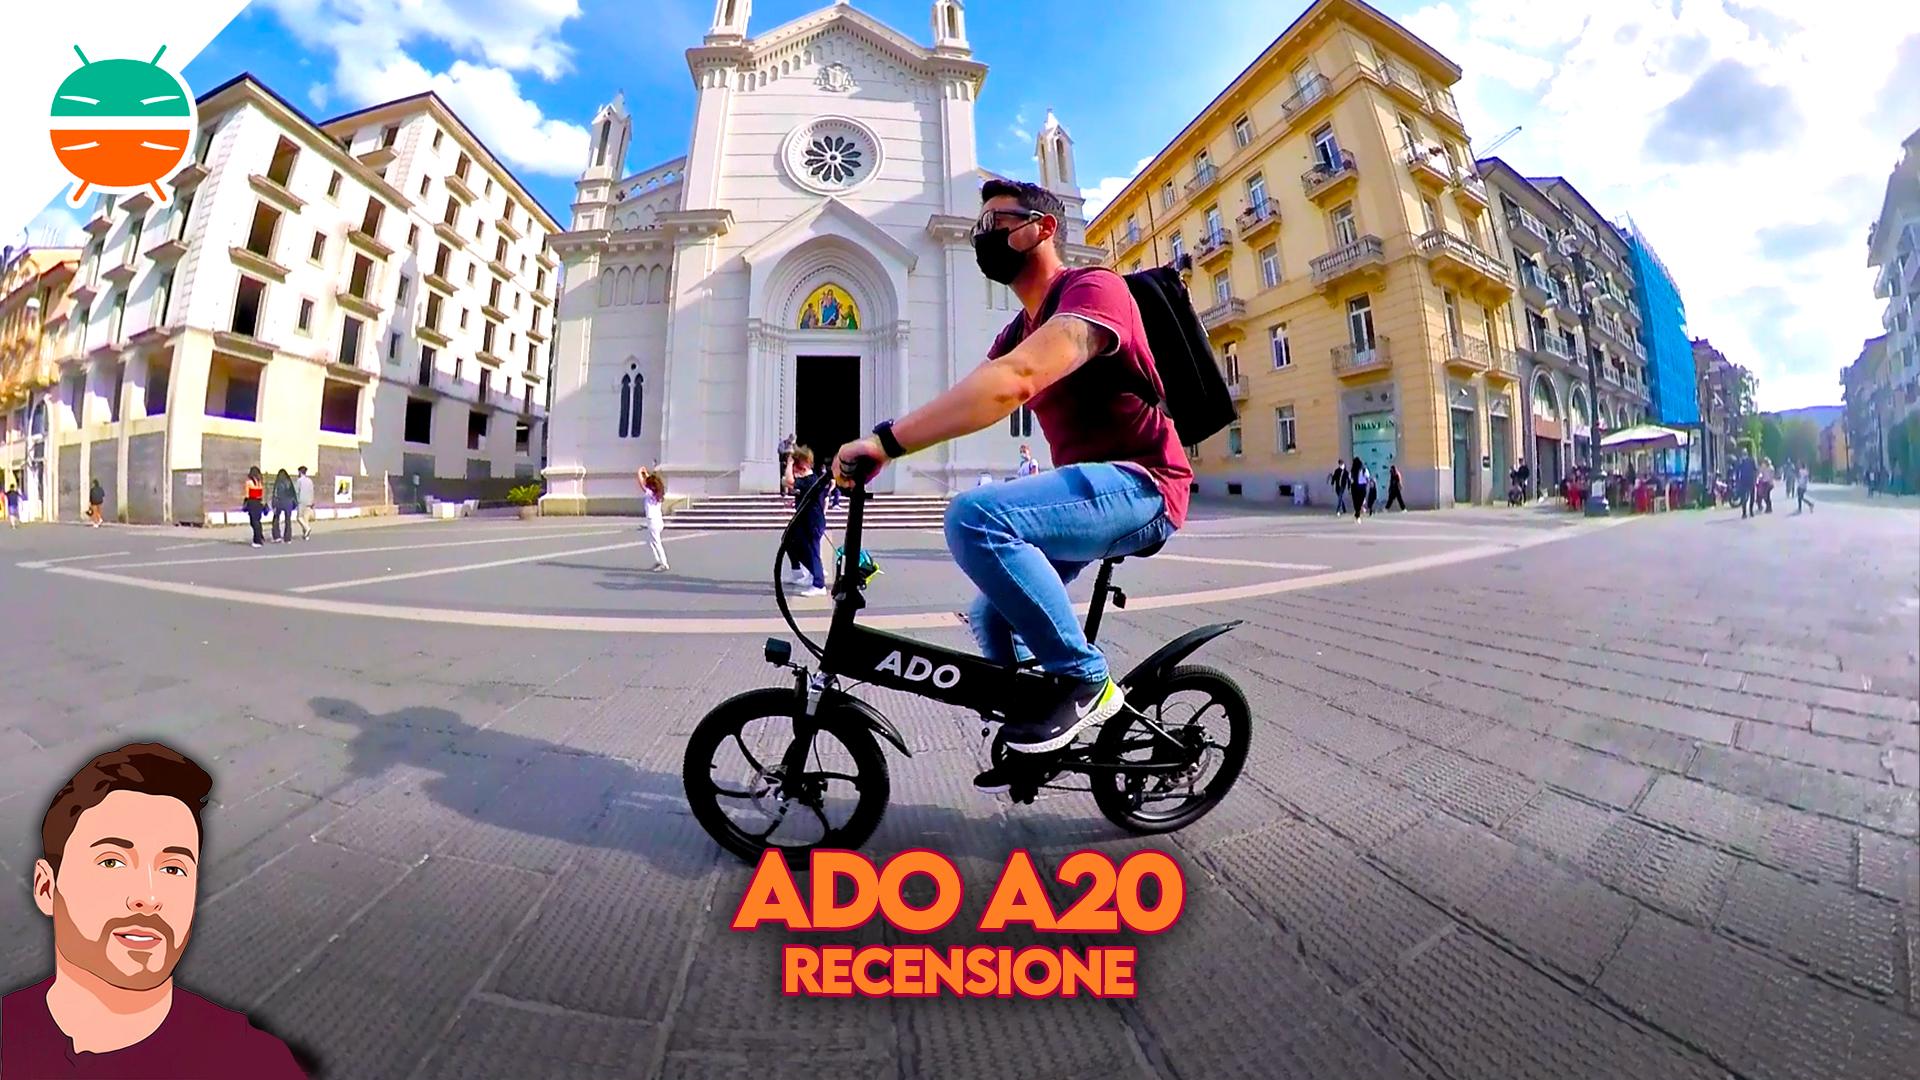 ADO A20 Test zusammenklappbares Elektrofahrrad, leistungsstark ...